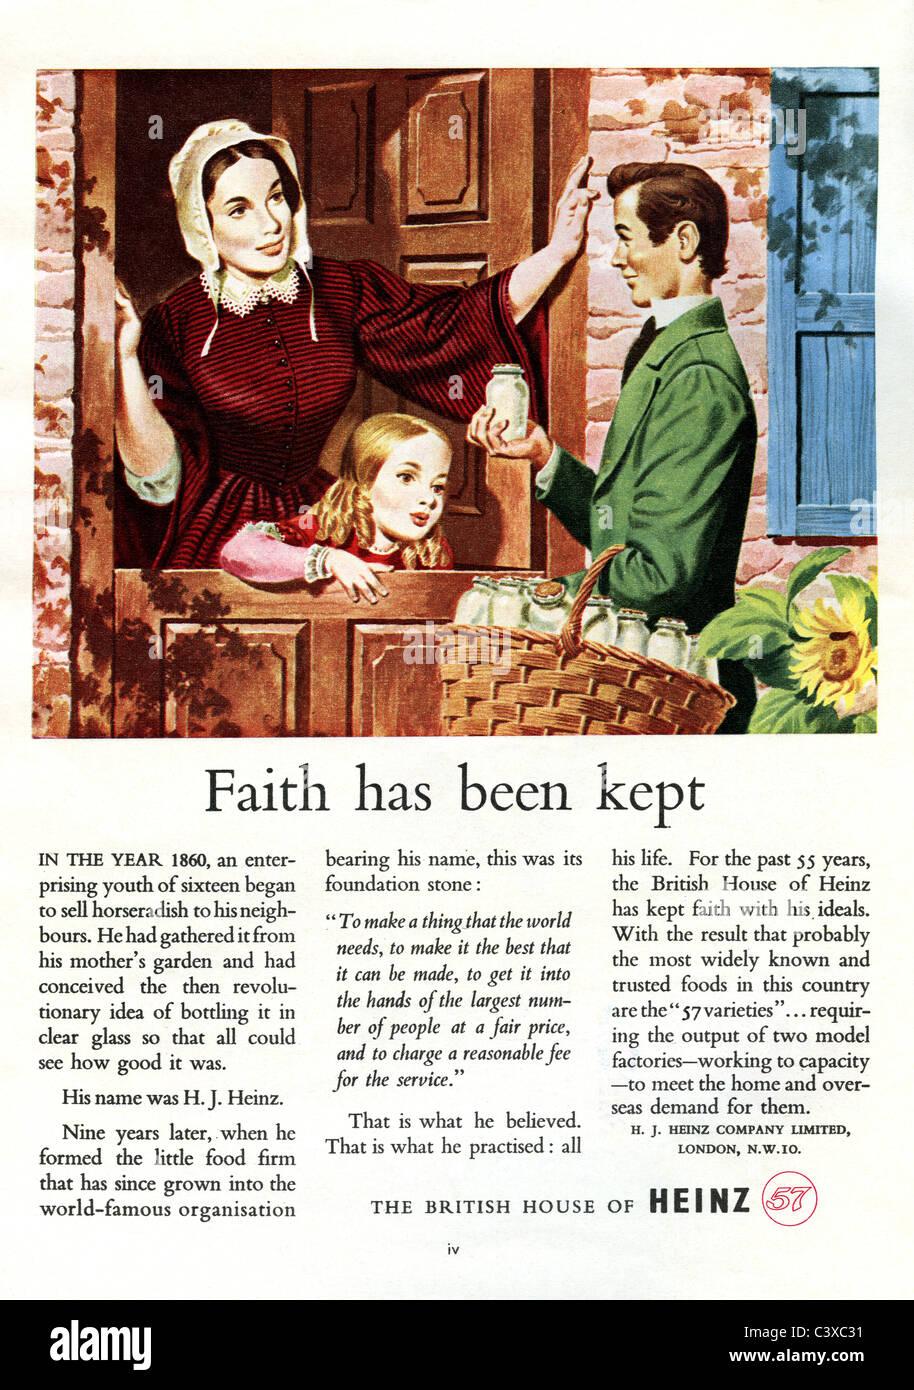 Publicité pour Heinz, de la Festival de Grande-Bretagne guide, publié par HMSO. Londres, Royaume-Uni, 1951 Banque D'Images